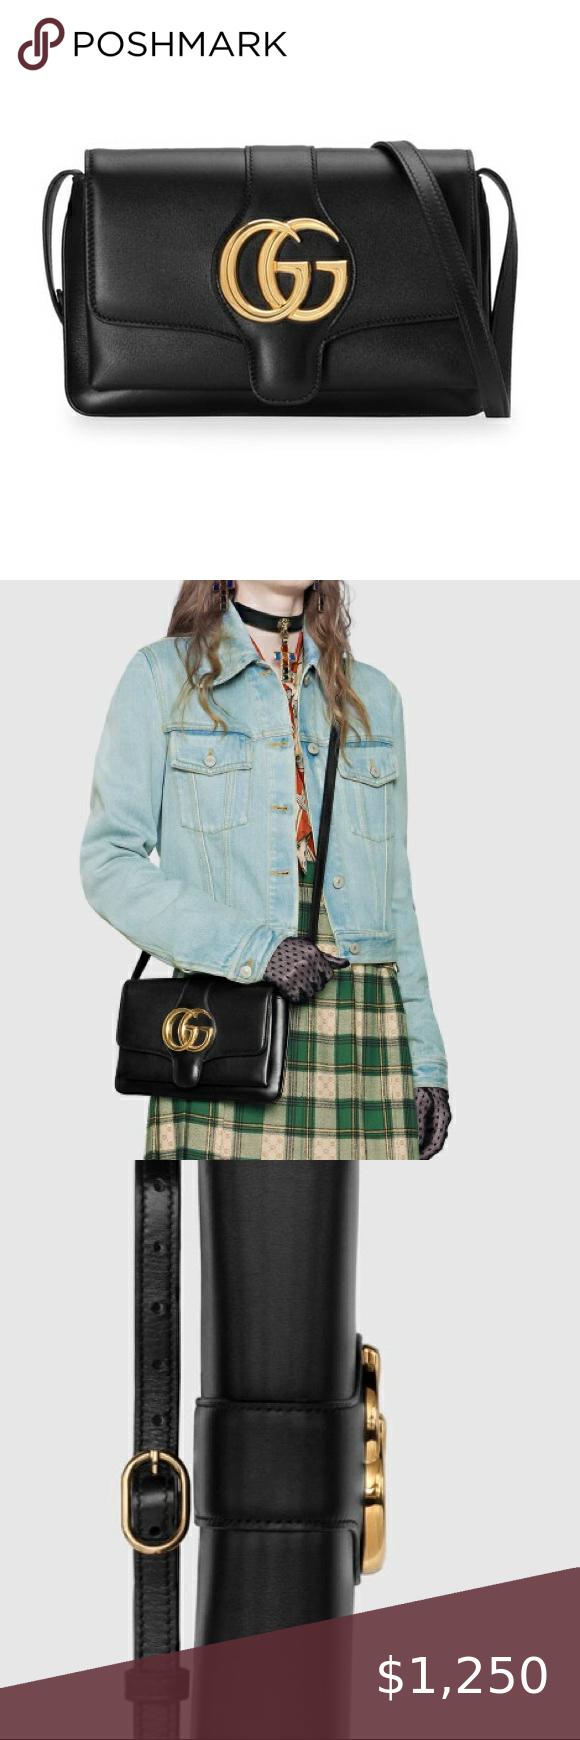 Gucci Arli Crossbody Bag Crossbody Bag Gucci Gucci Bag